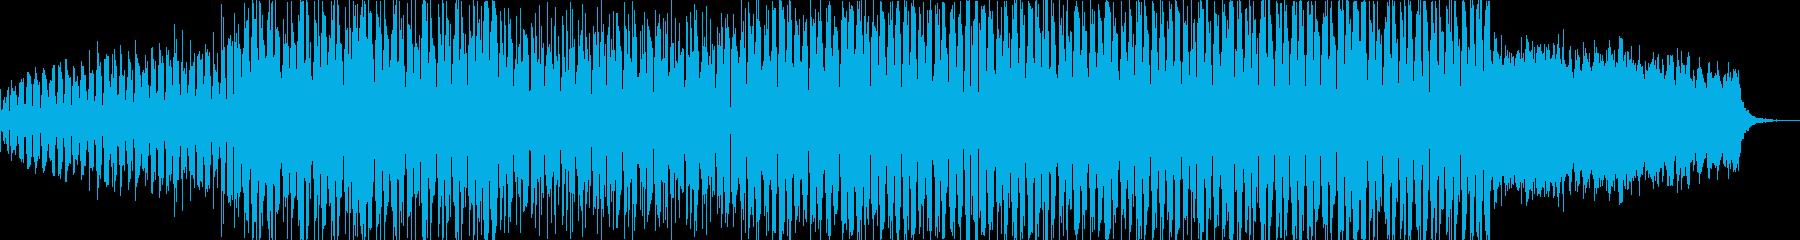 ティーン ポップ テクノ 中国語 ...の再生済みの波形